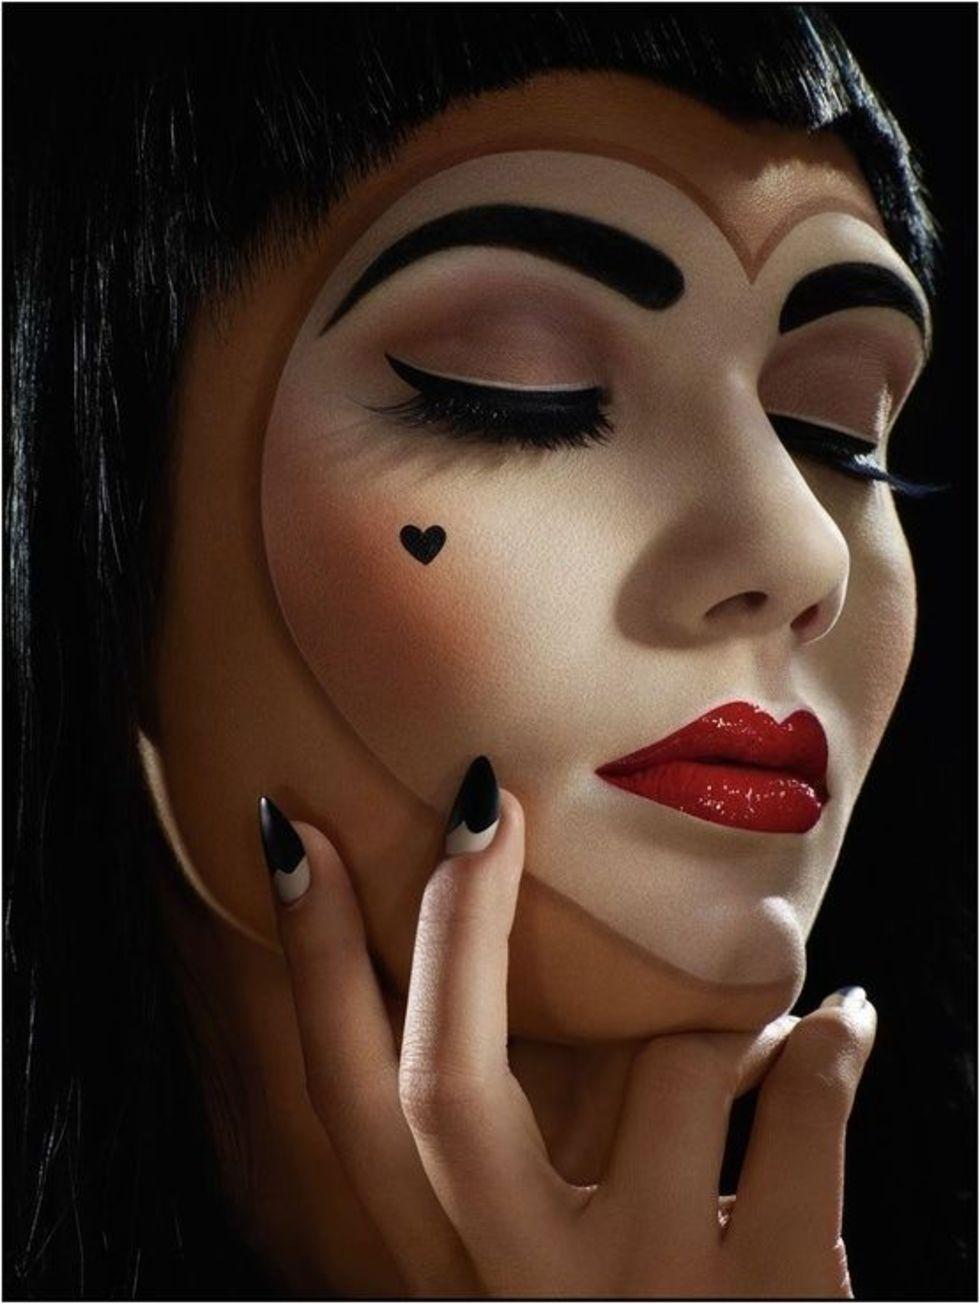 Fixa halloweenkostymen med vackra makeuper   Damernas Värld